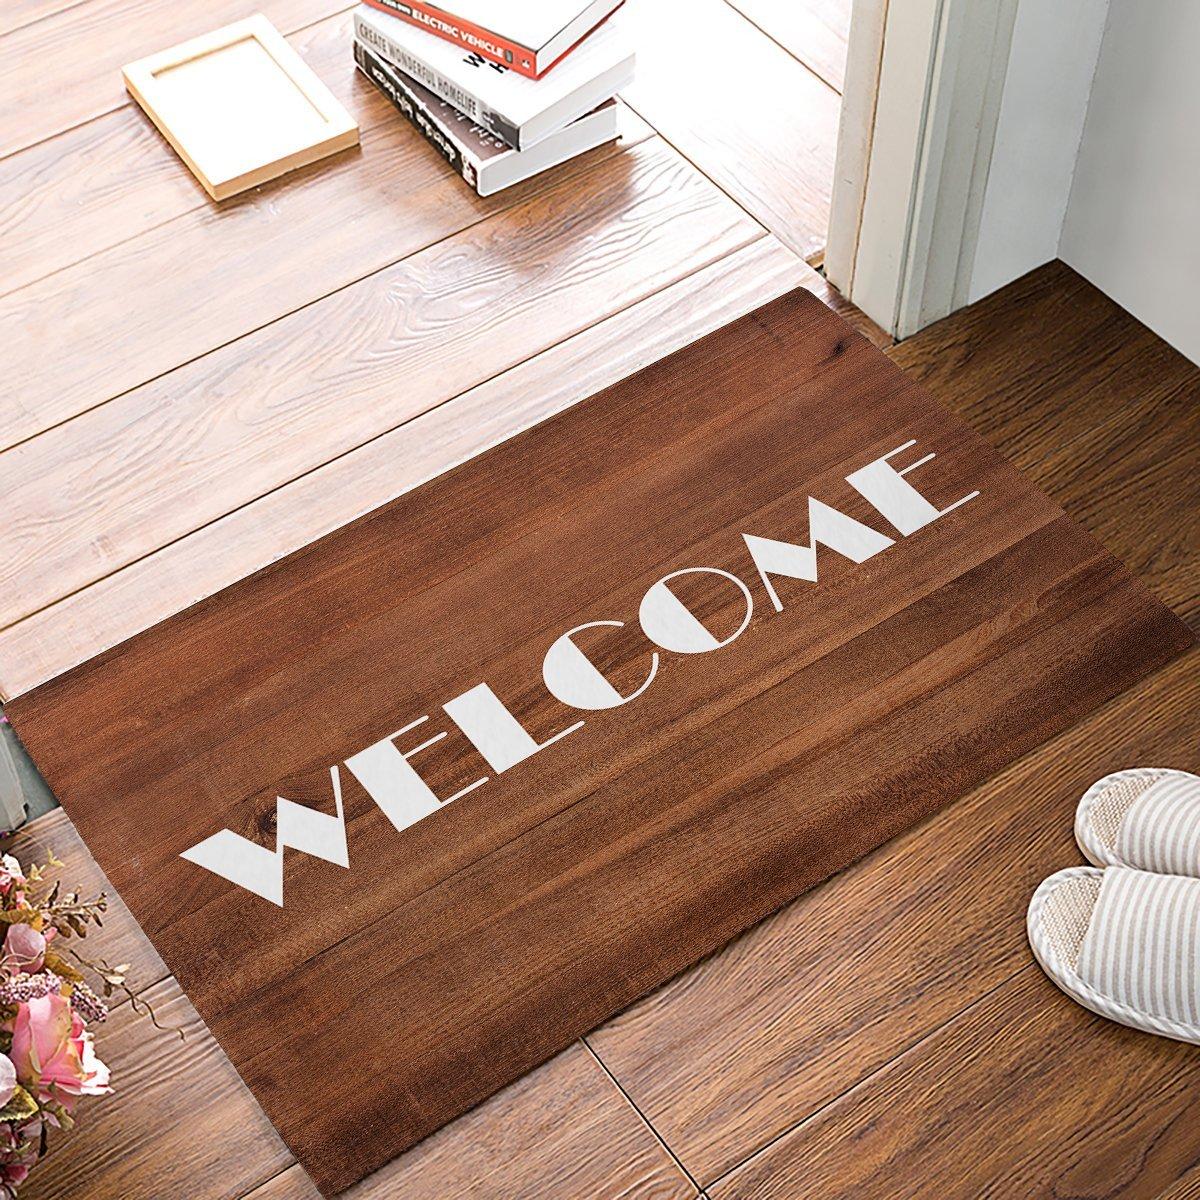 Vintage Retro Brown Wood Texture Welcome Door Mats Kitchen Floor Bath Entrance Rug Mat Absorbent Indoor Bathroom Rubber